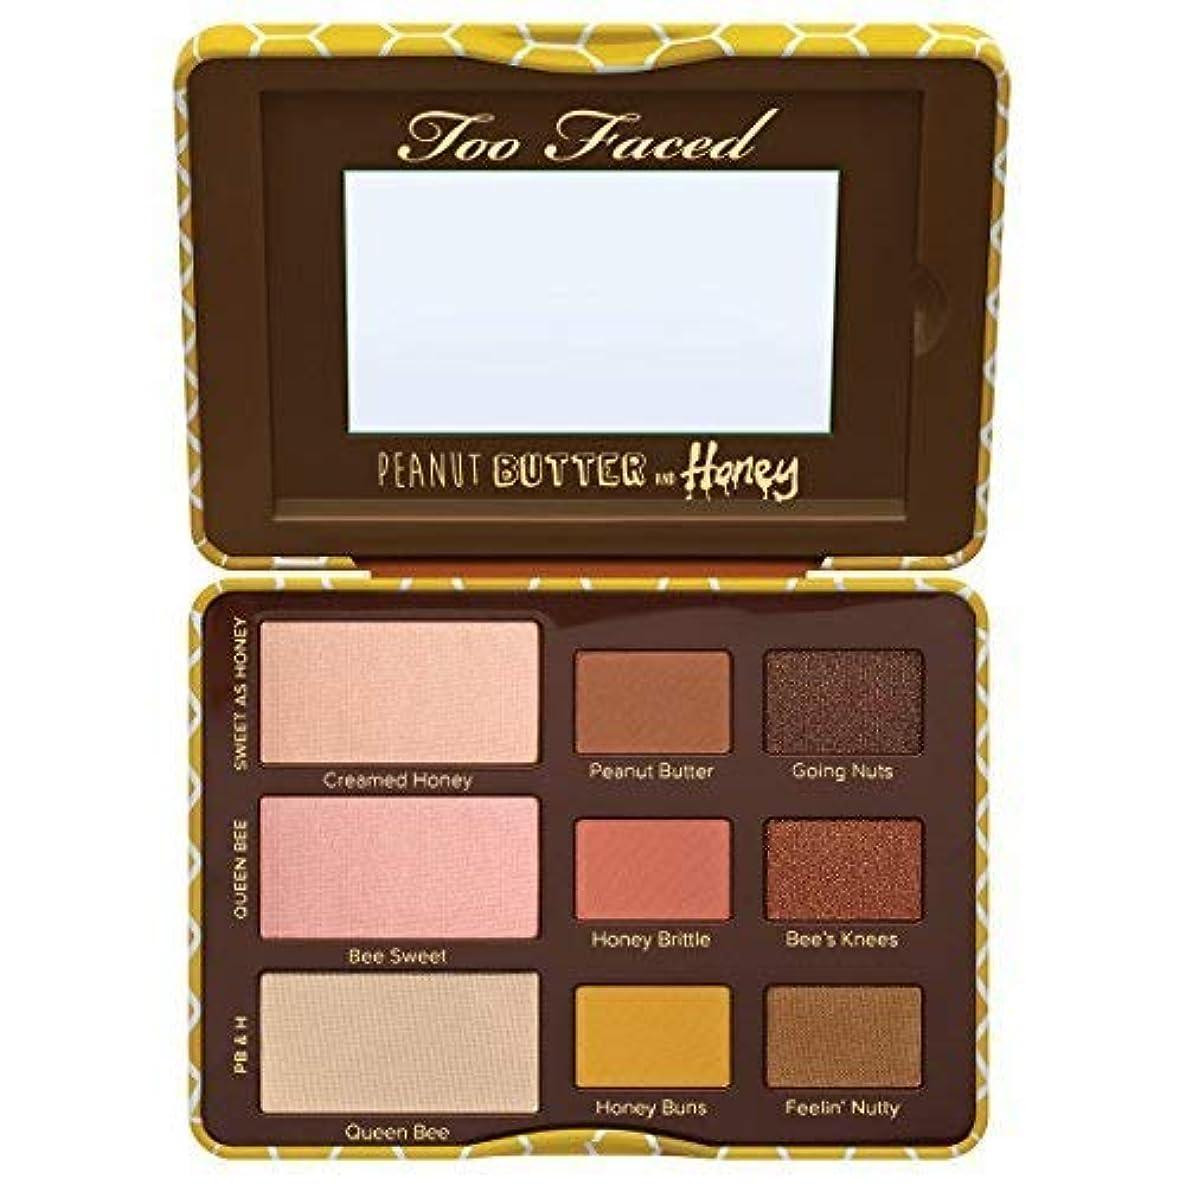 ライター転倒混雑Too Faced Peanut Butter and Honey Eyeshadow Palette Collection 0.39 OZ [並行輸入品]